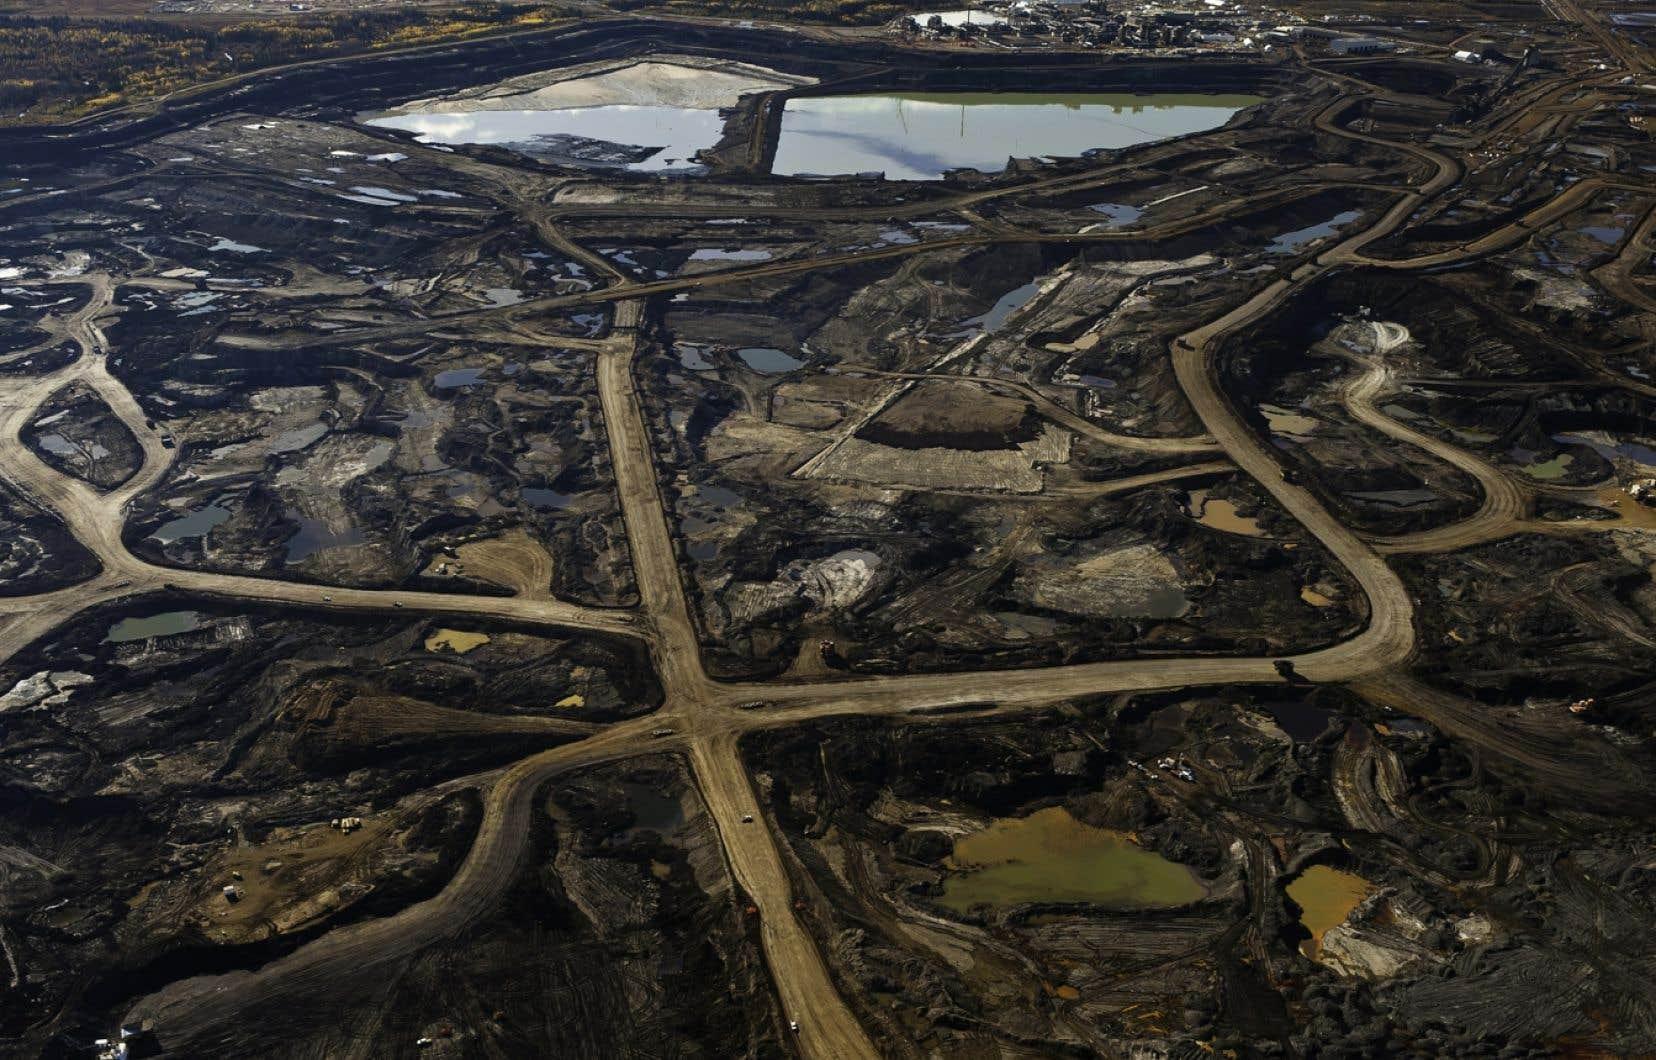 Le mélange des bassins, qui contient des produits chimiques toxiques, est retracé jusque dans les eaux souterraines à proximité des exploitations minières, mais pas dans les secteurs éloignés des zones d'exploitation.